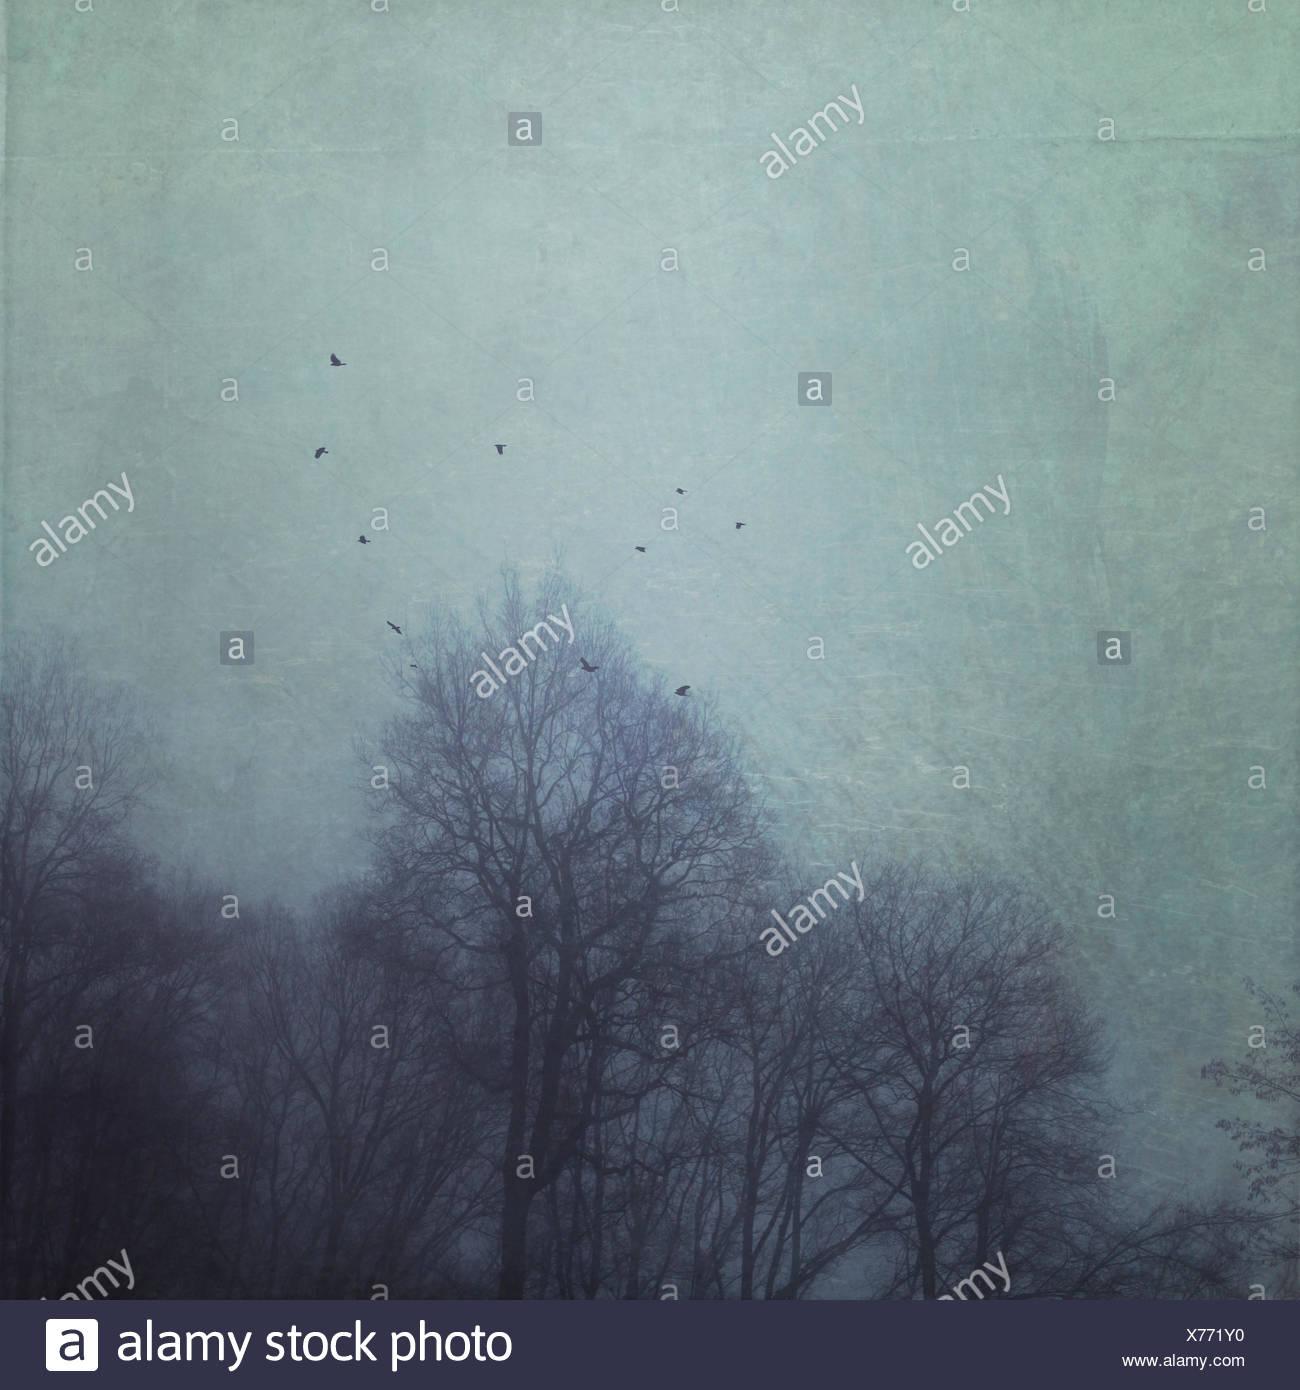 Las siluetas de los árboles durante la niebla con las aves voladoras, efecto texturado Imagen De Stock